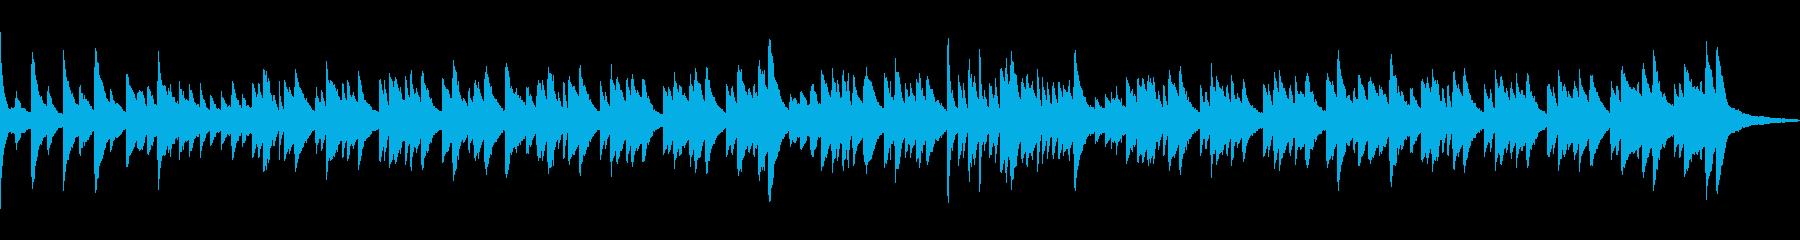 春の音連れをイメージしたピアノワルツの再生済みの波形